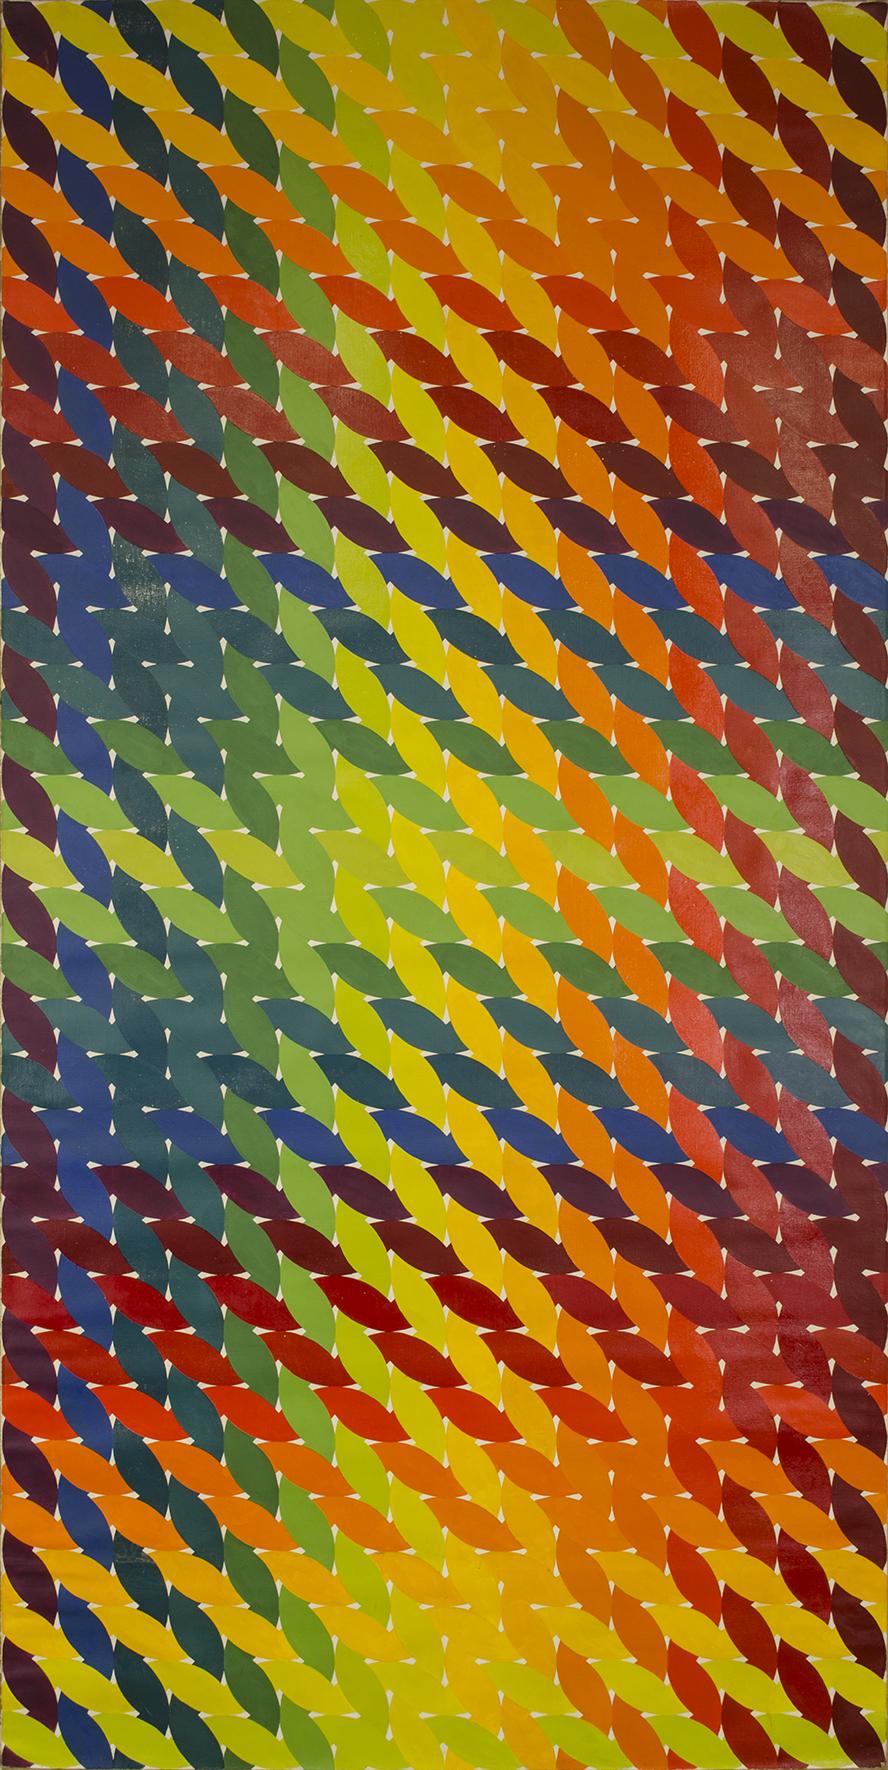 """WEAVE room 1972-1975©--RIGHT DOOR 48"""" x 96"""" [121.92 cm x 243.84 cm]"""